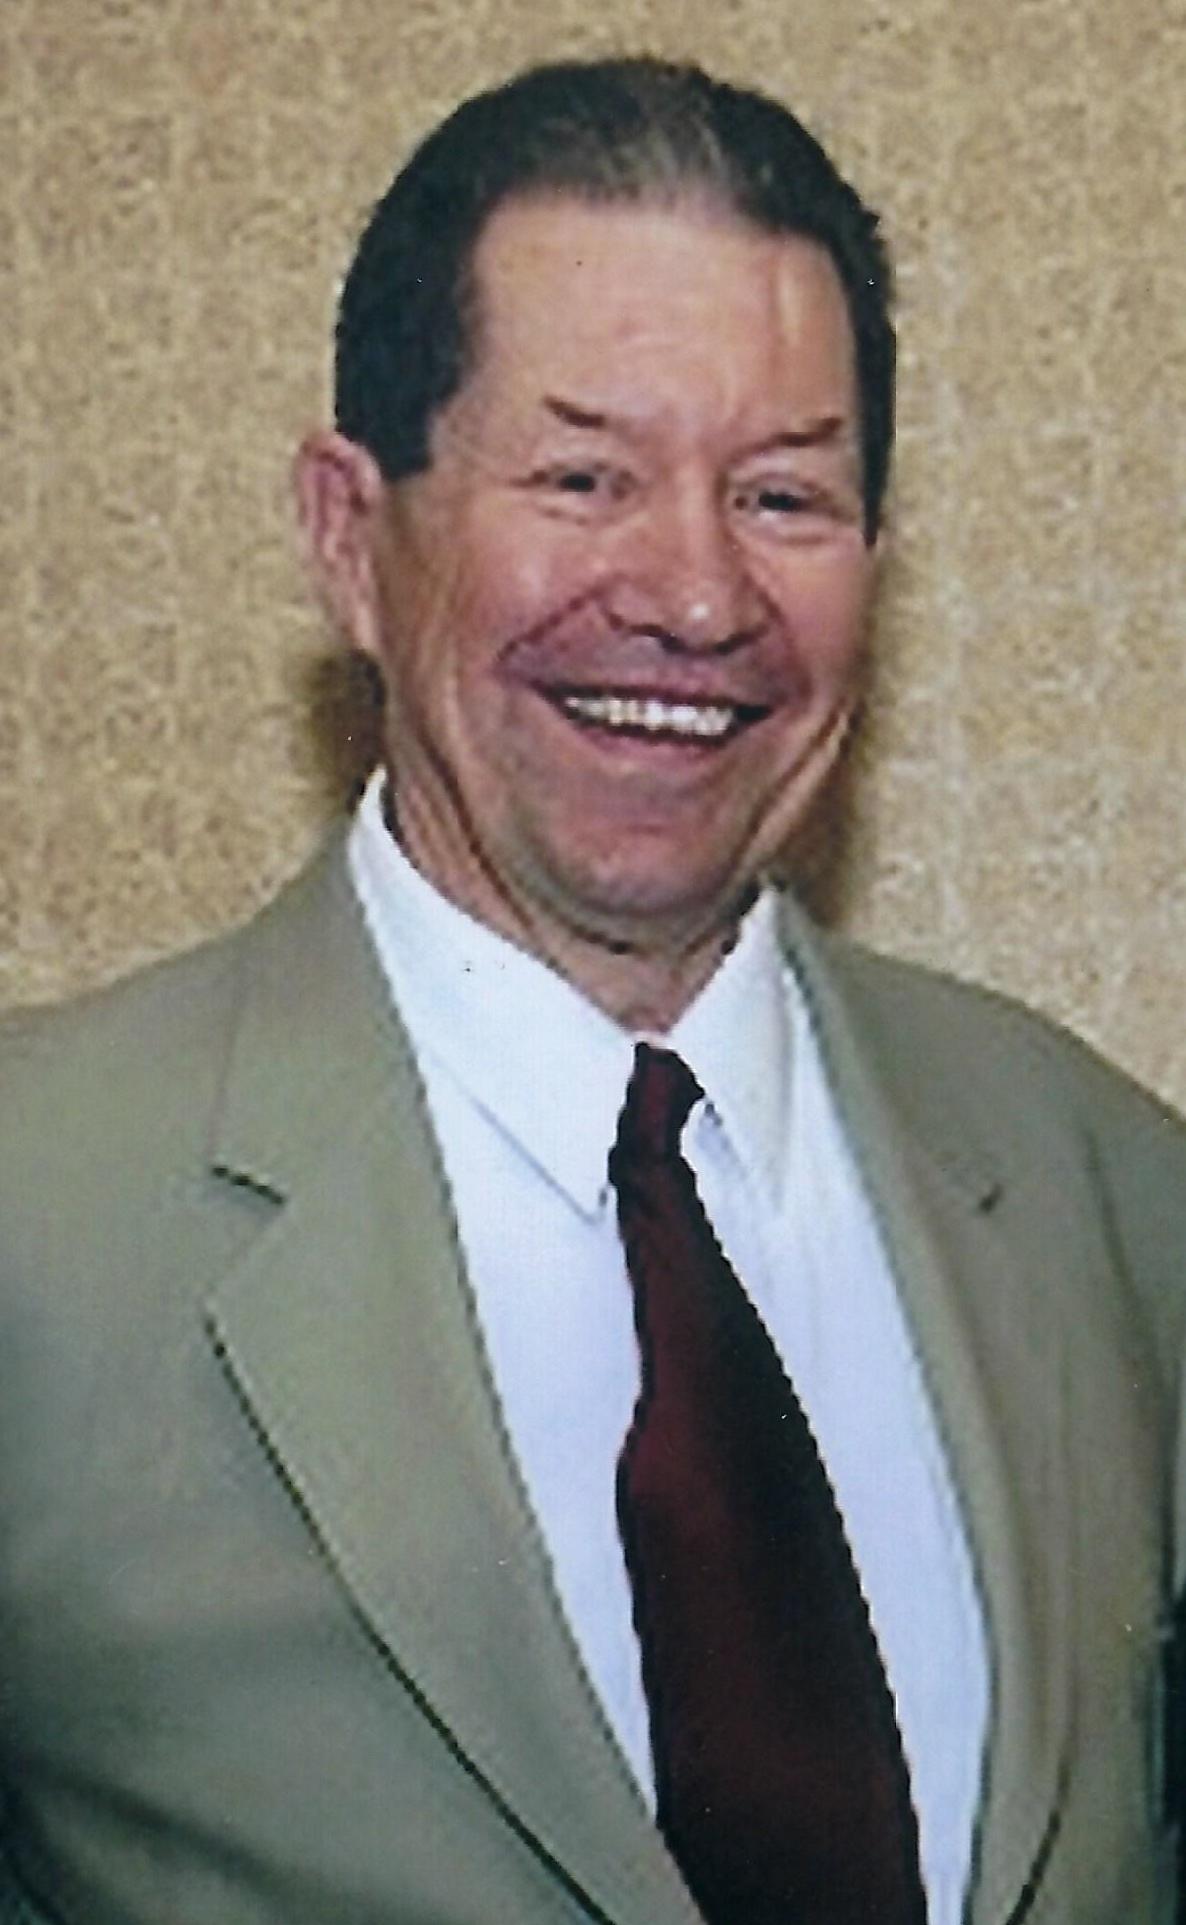 Phillip W. Hagen